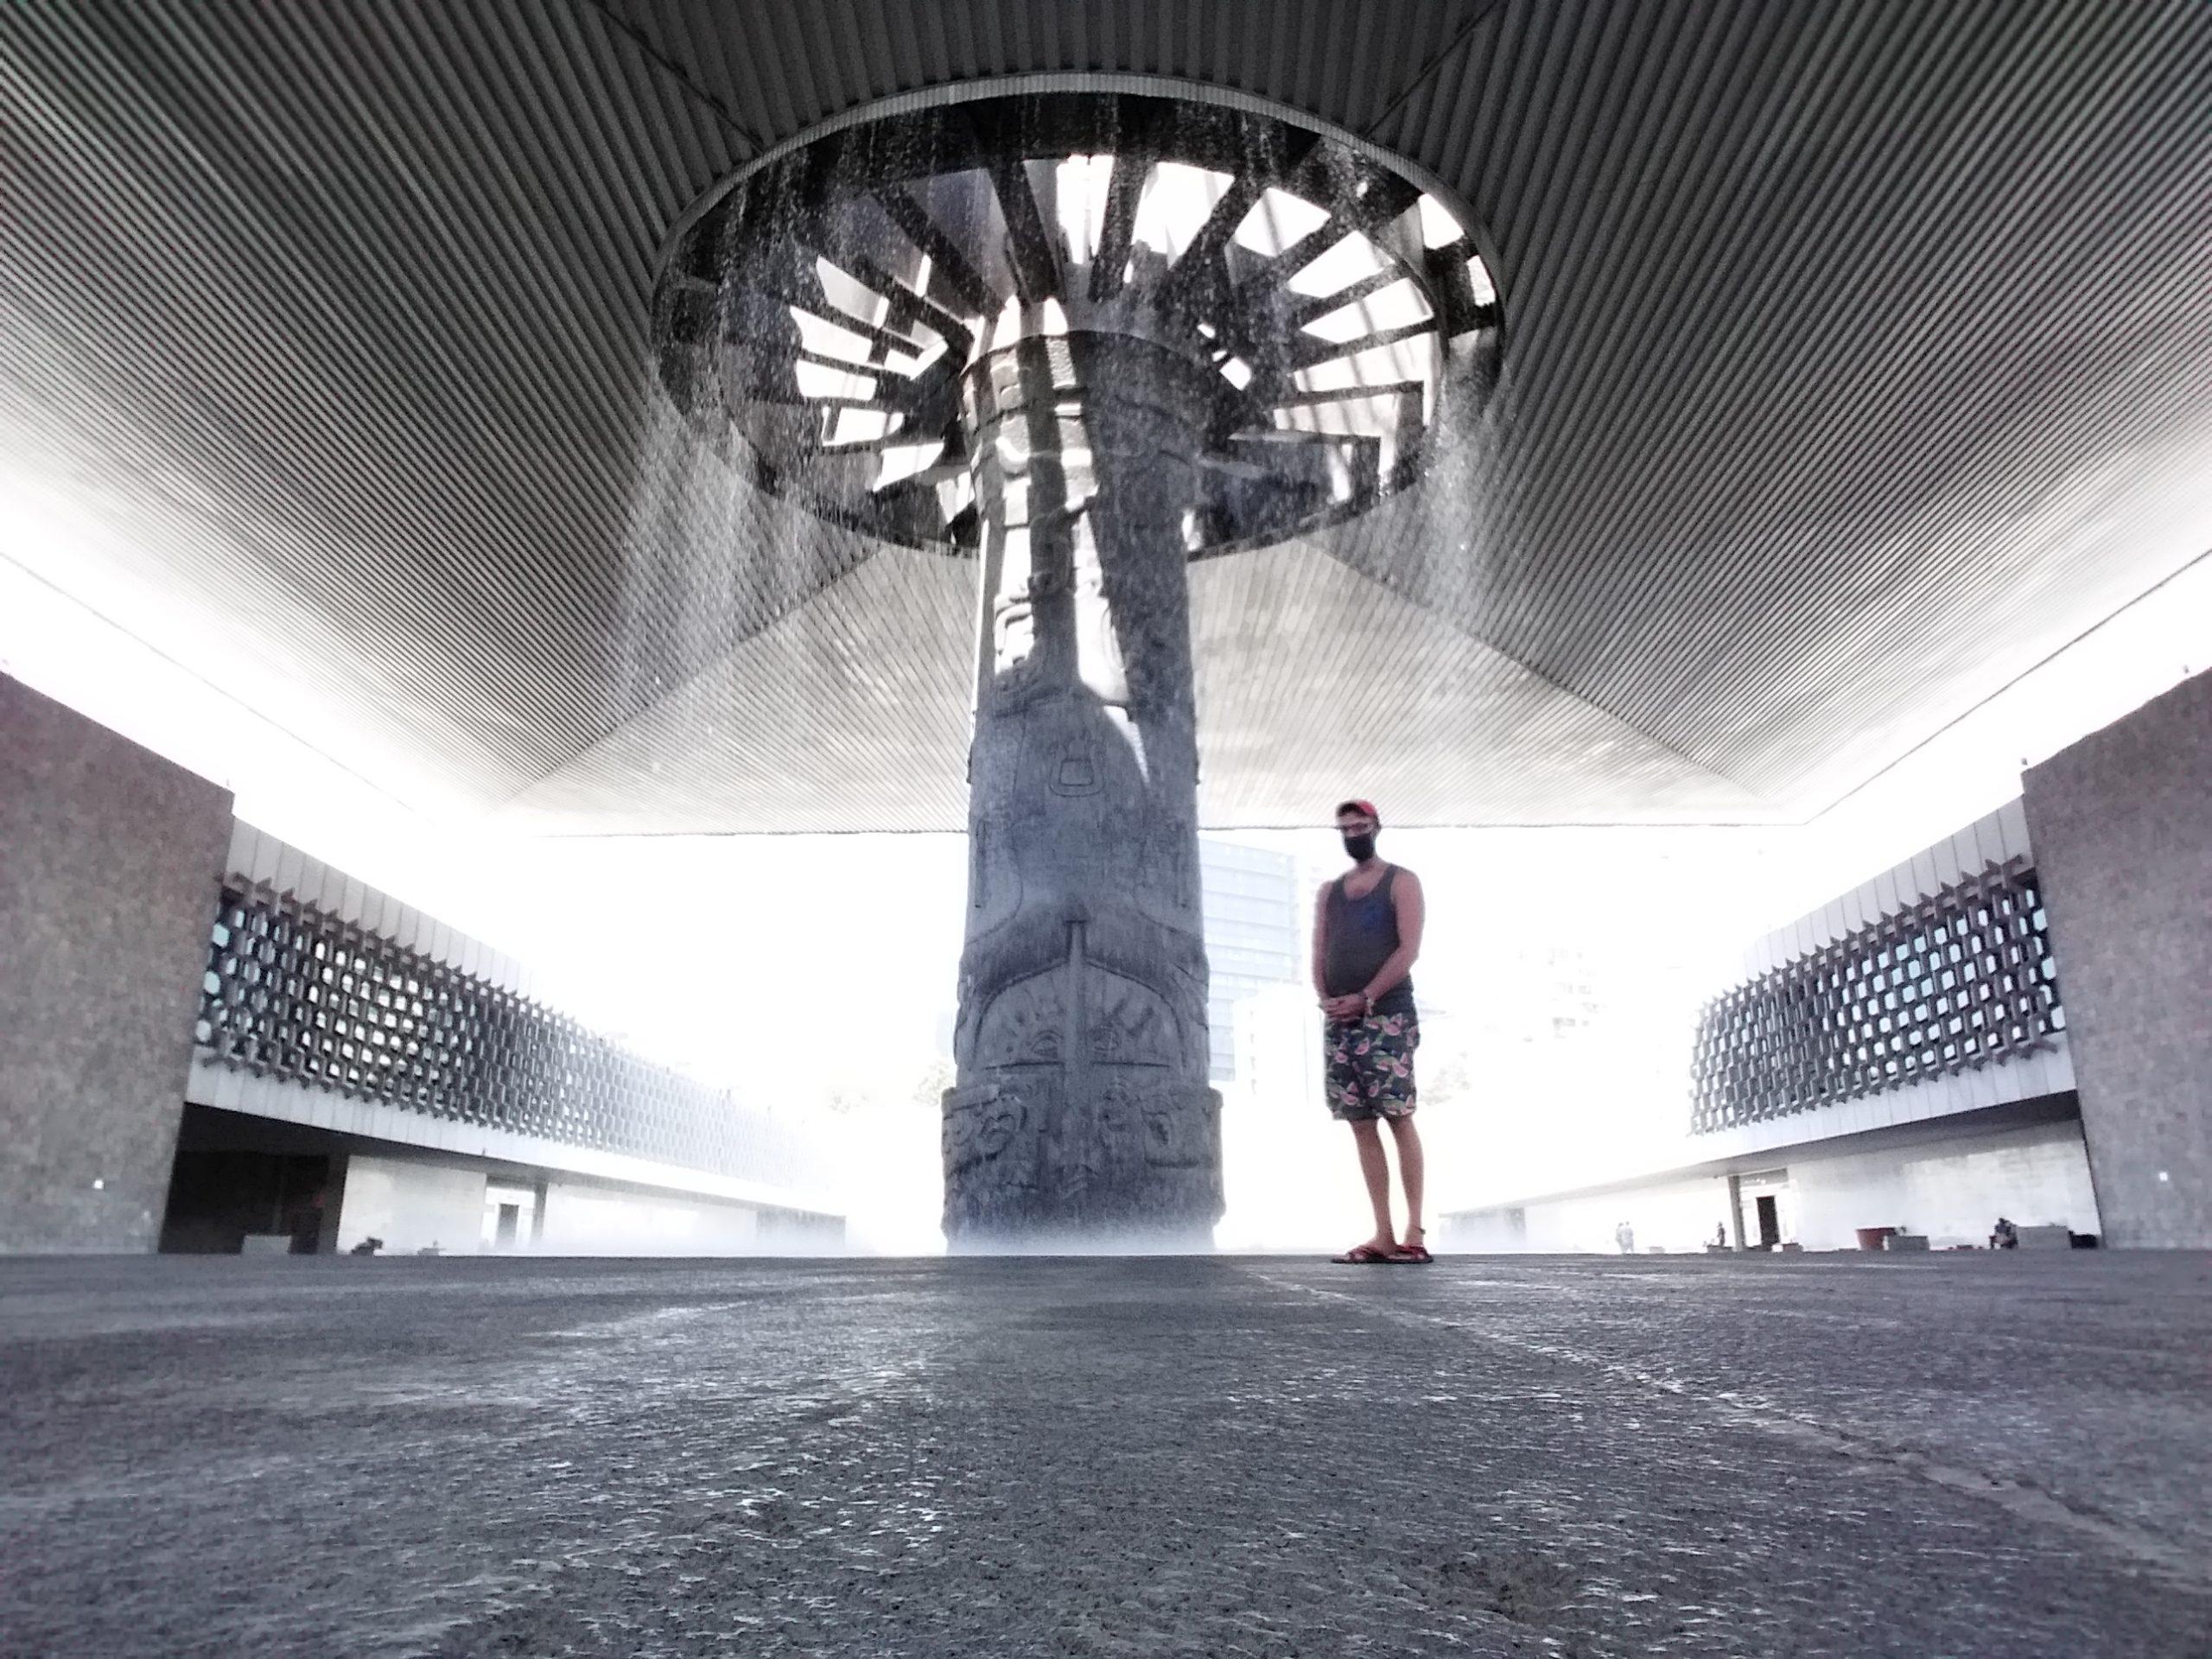 Musée national d'anthropologie mexique